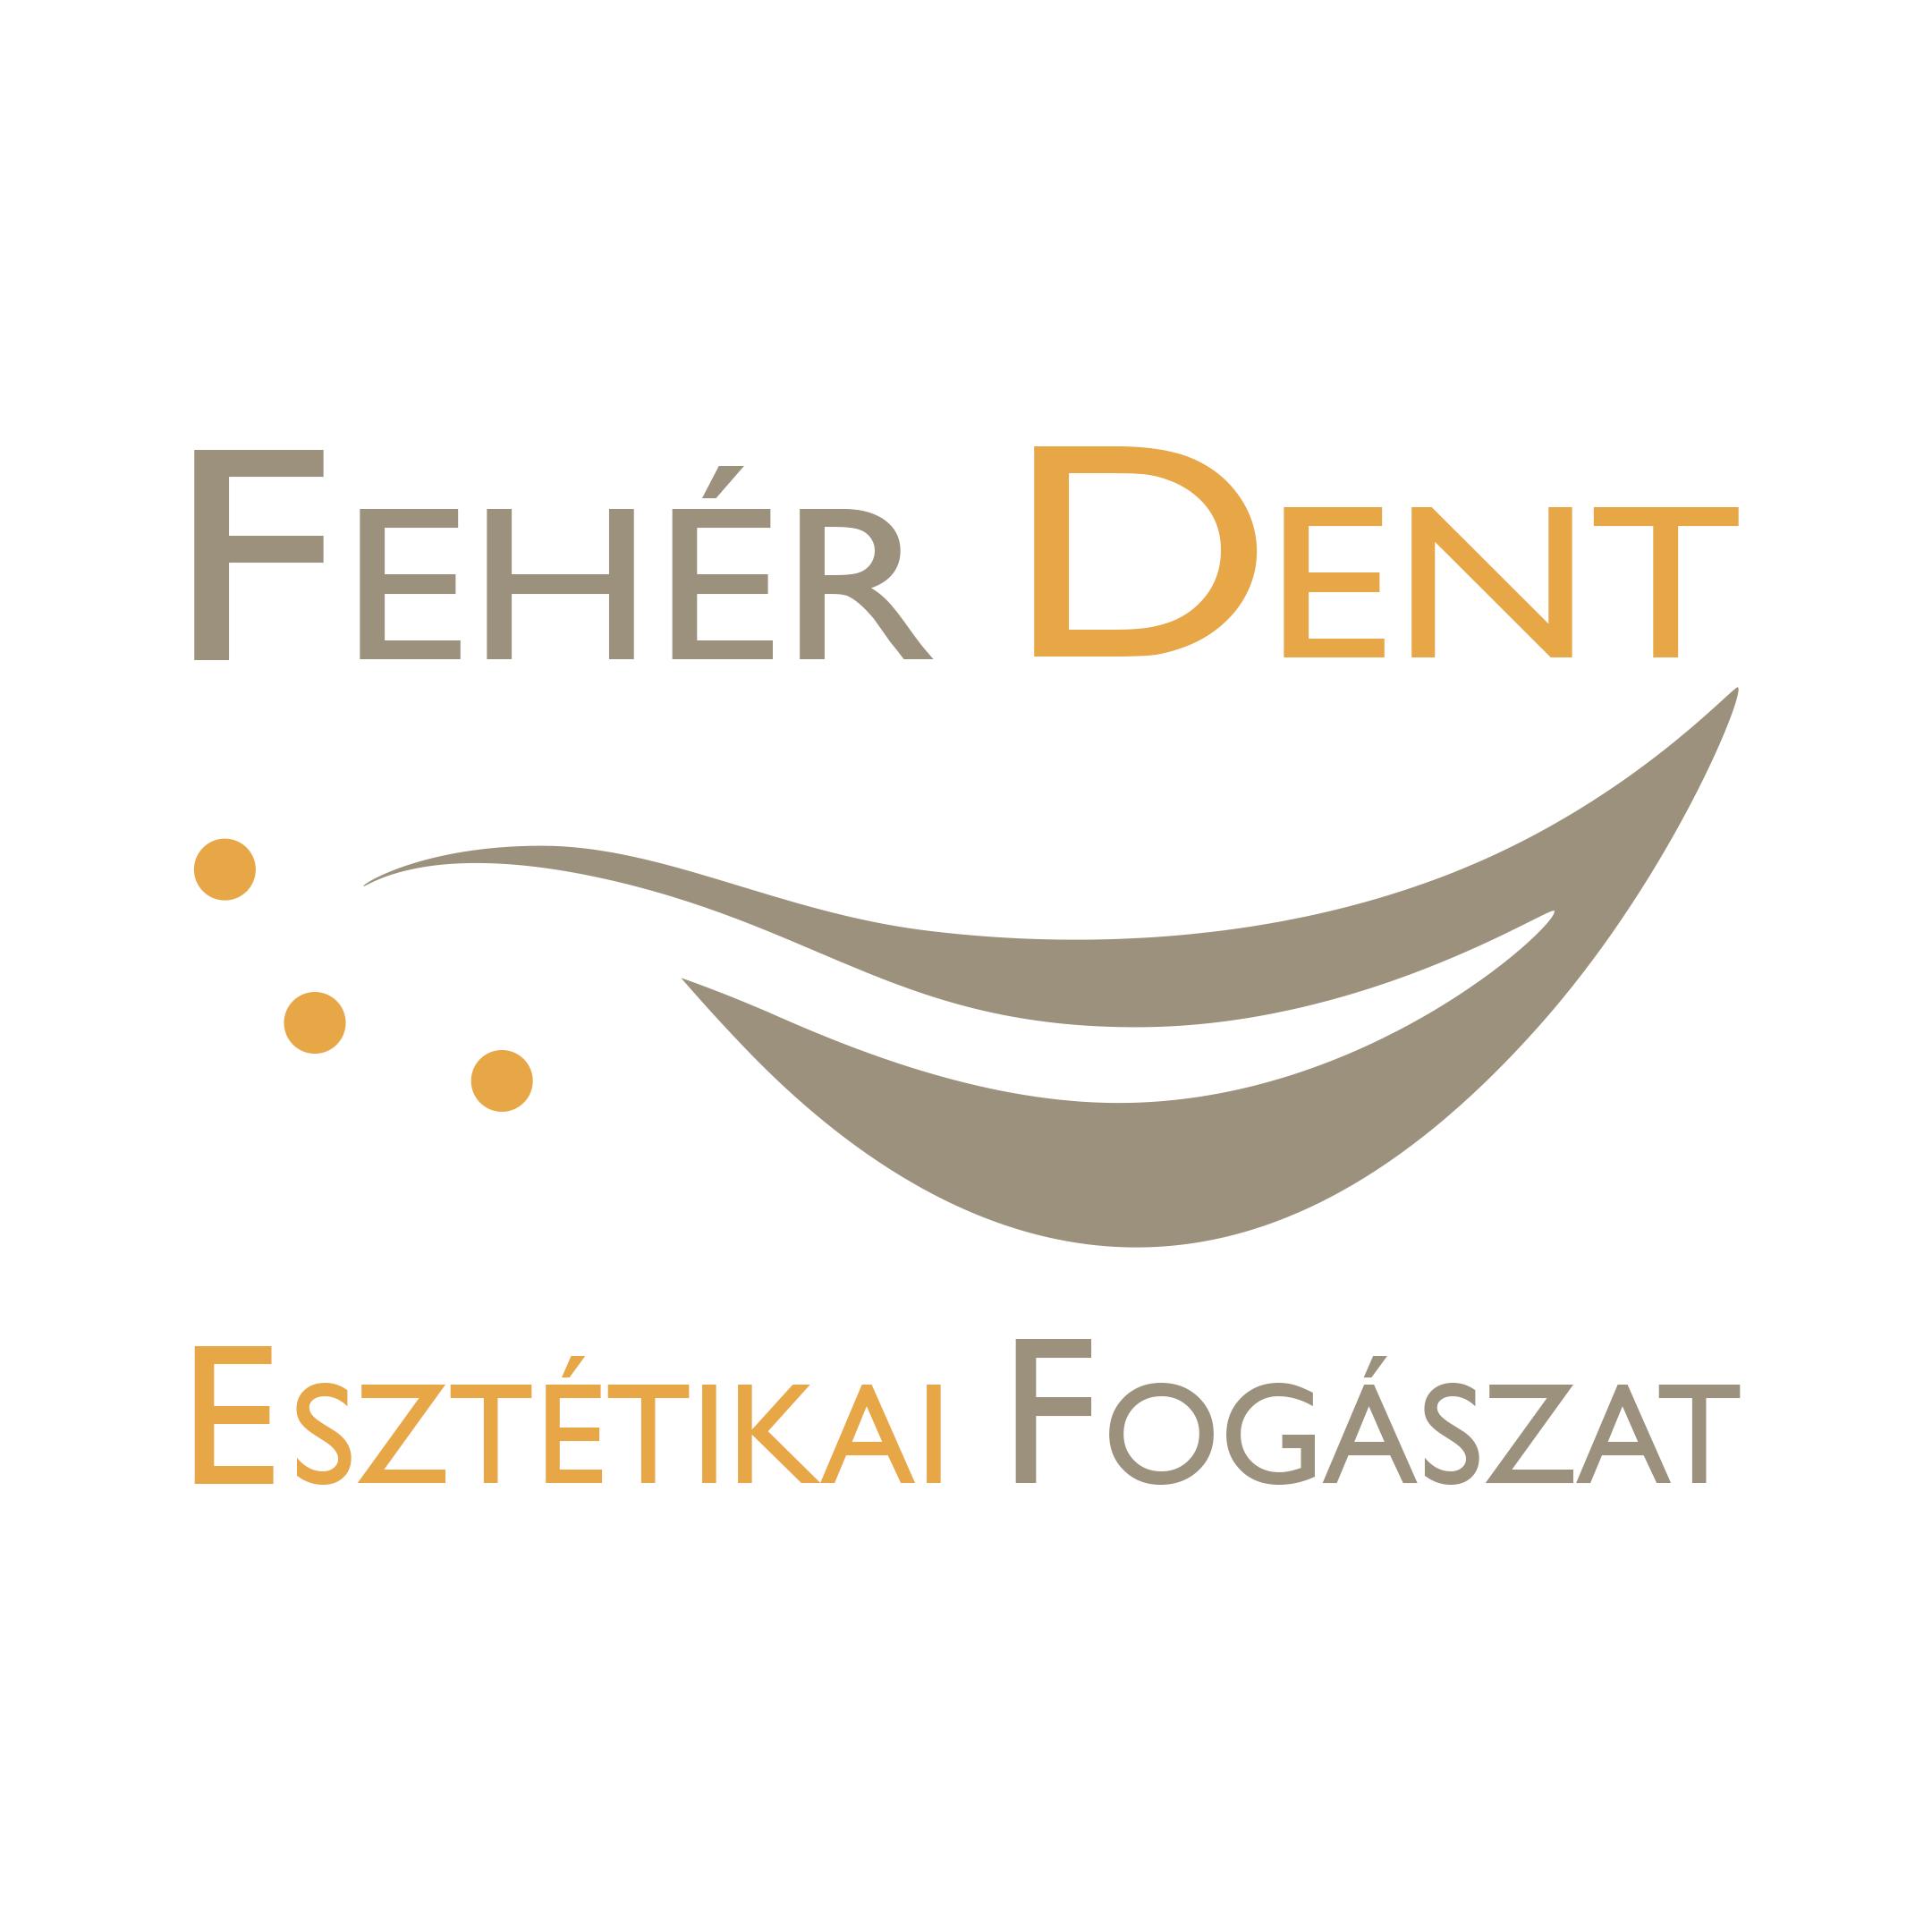 referencia Fehér Dent Fogászat